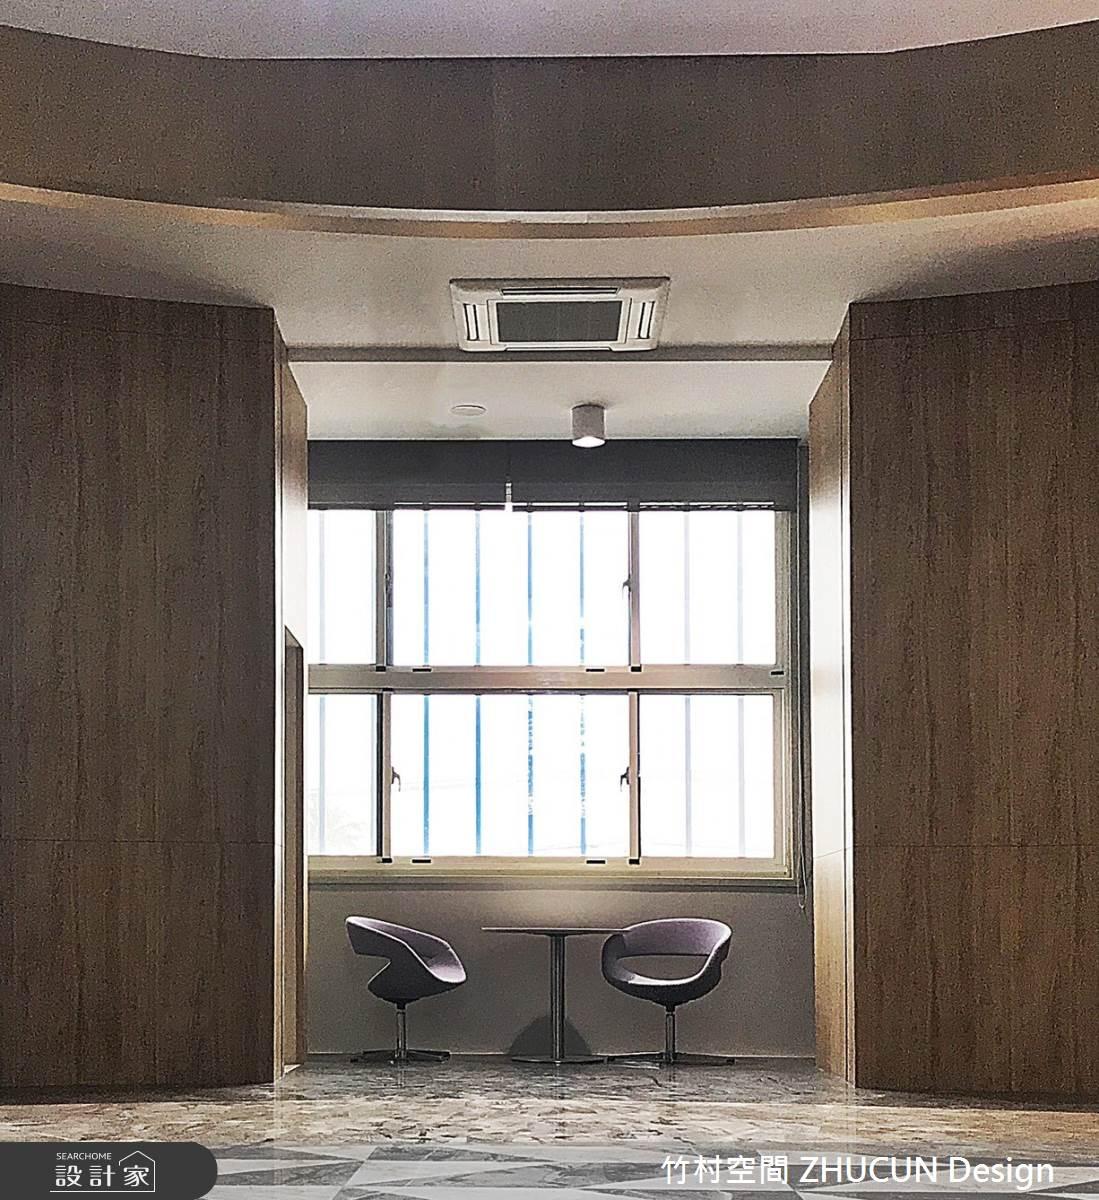 282坪新成屋(5年以下)_混搭風商業空間案例圖片_竹村空間 ZHUCUN Design_竹村_17之3